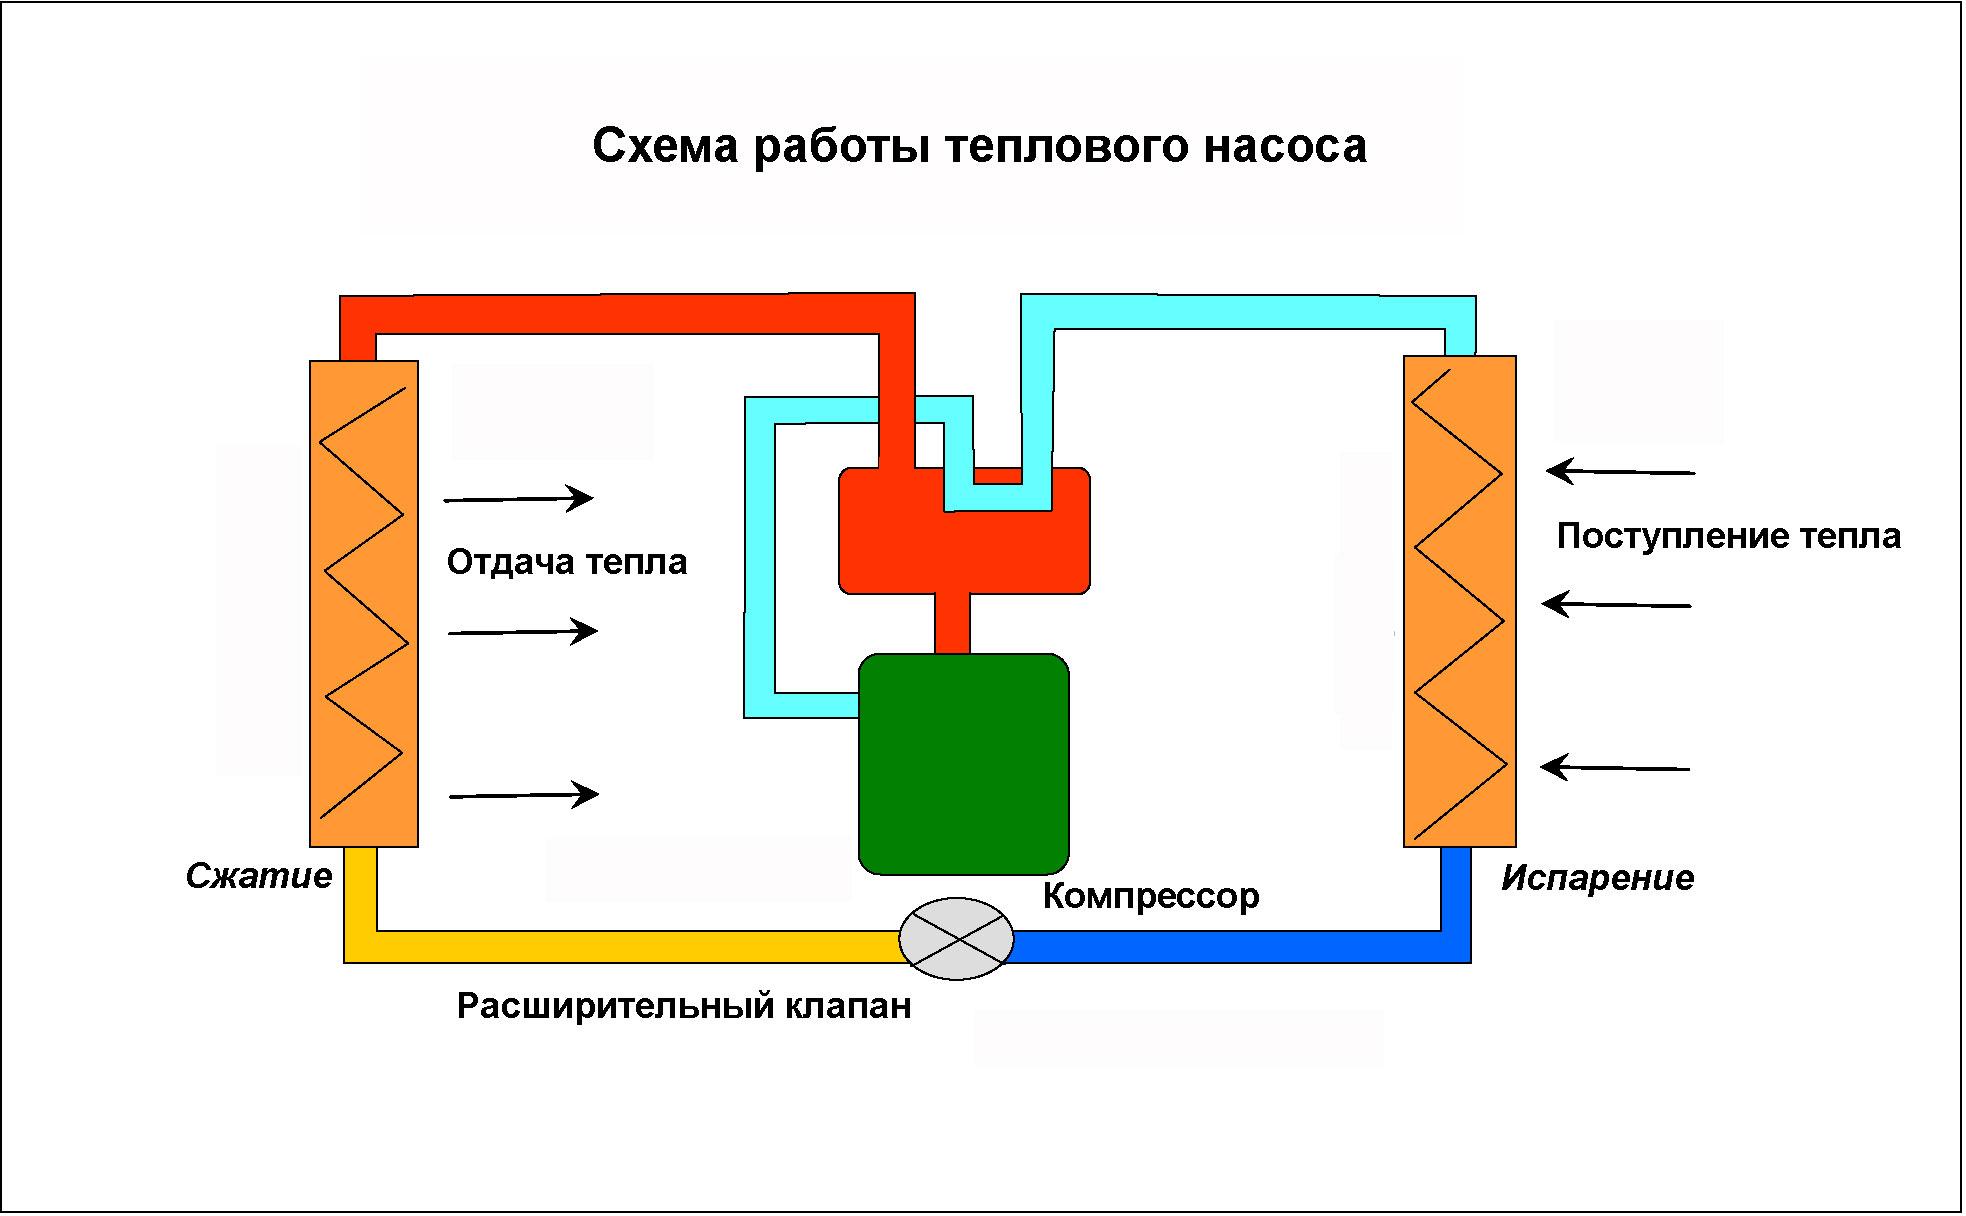 Как работает тепловой насос для отопления дома - схема и видео